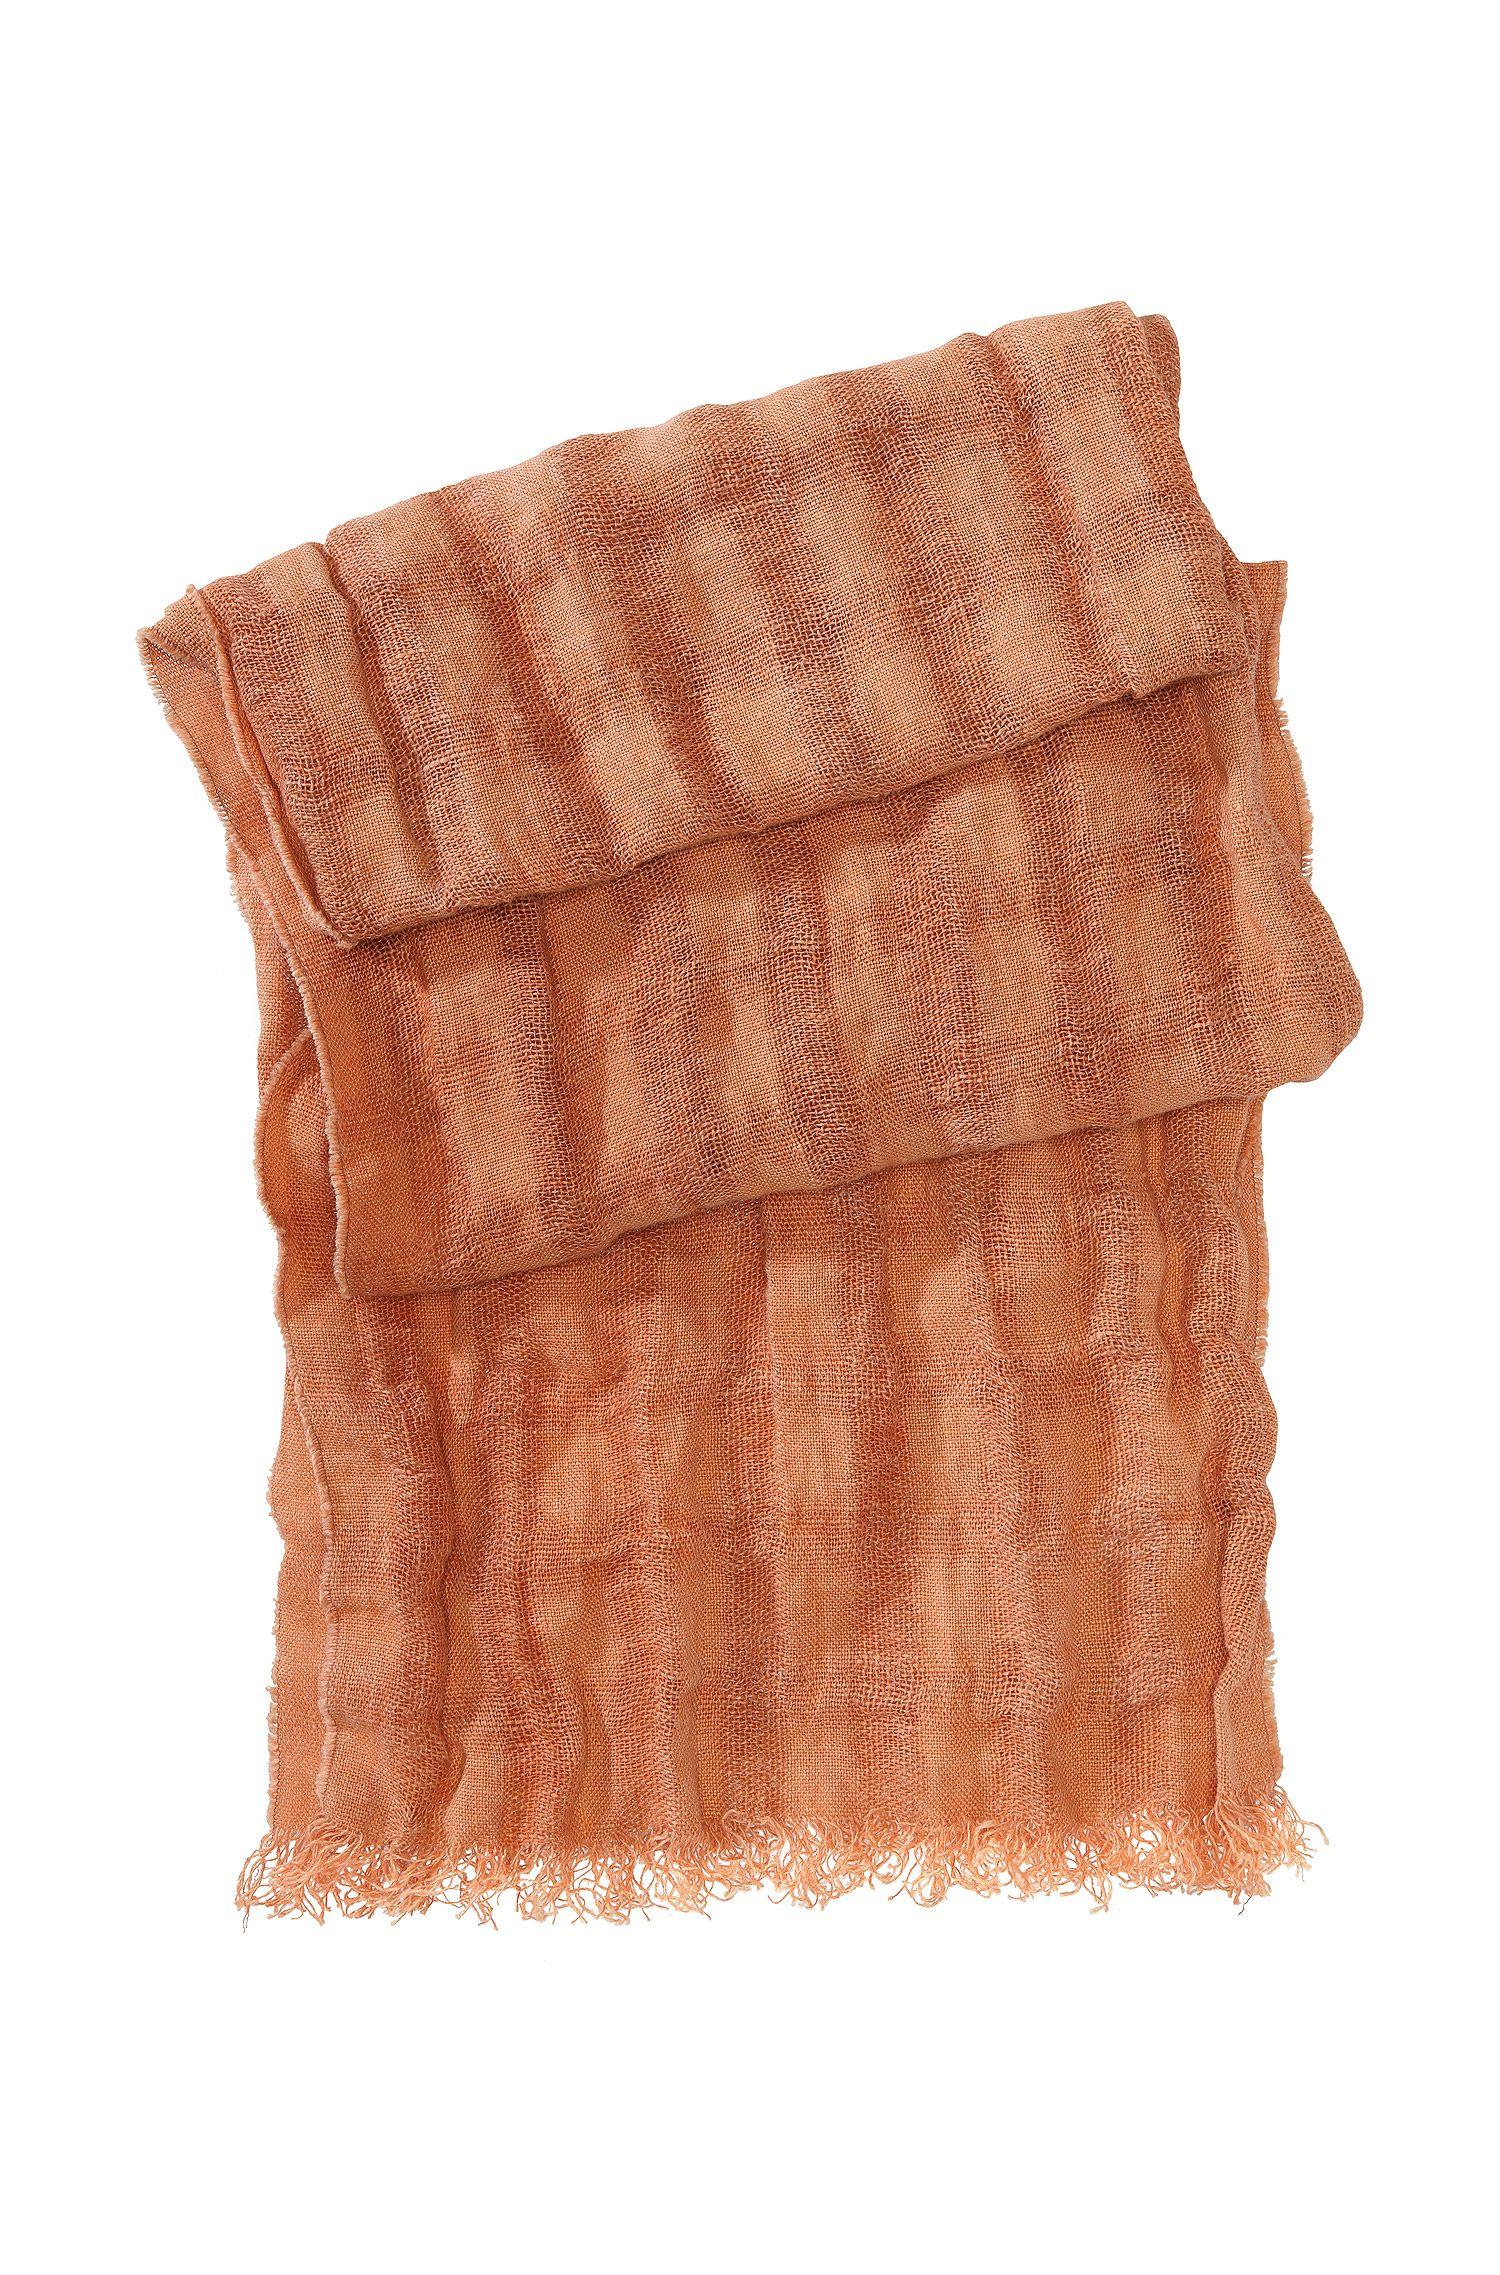 Sjaal ´Notcar1` van zuiver linnen